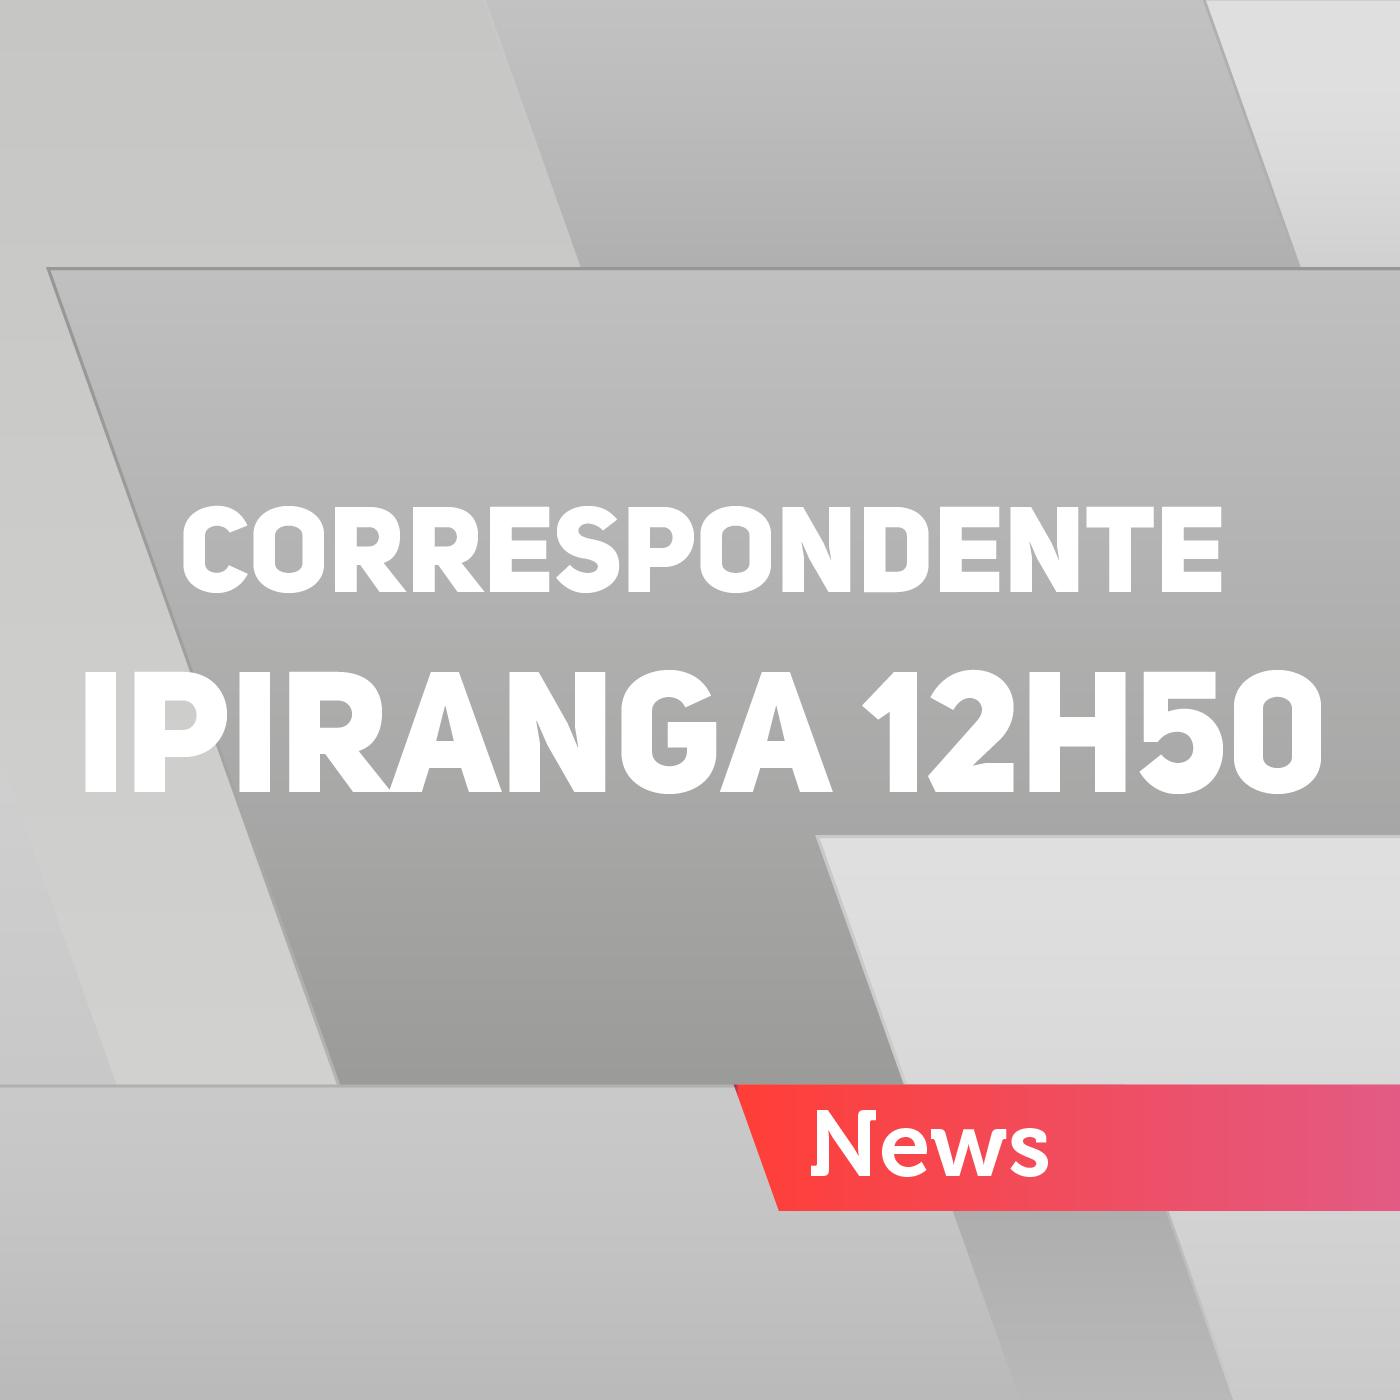 Correspondente Ipiranga 12h50 – 24/06/2017